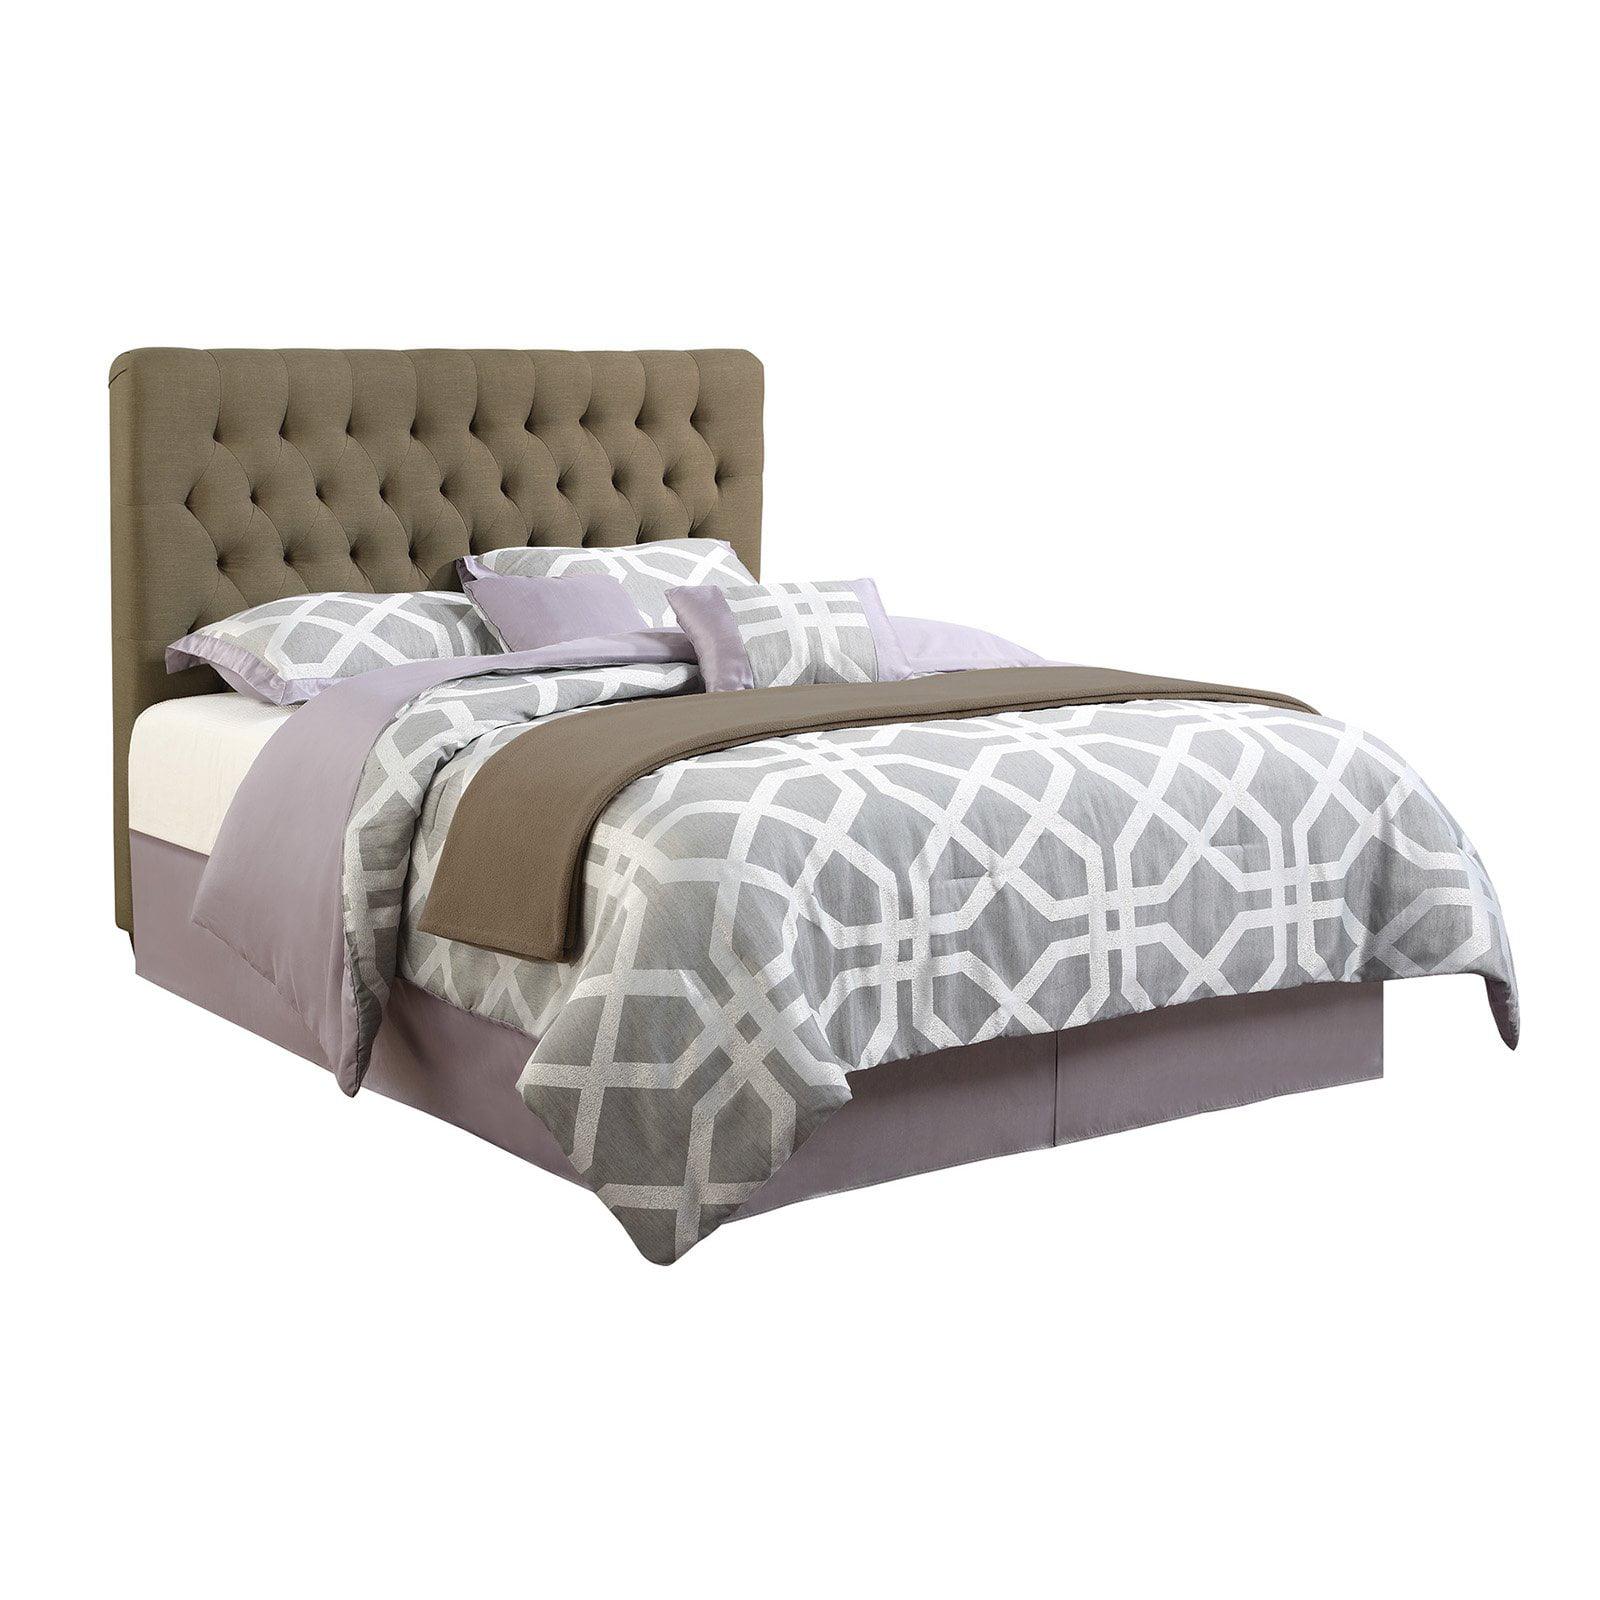 Coaster Furniture Chloe Upholstered Bed